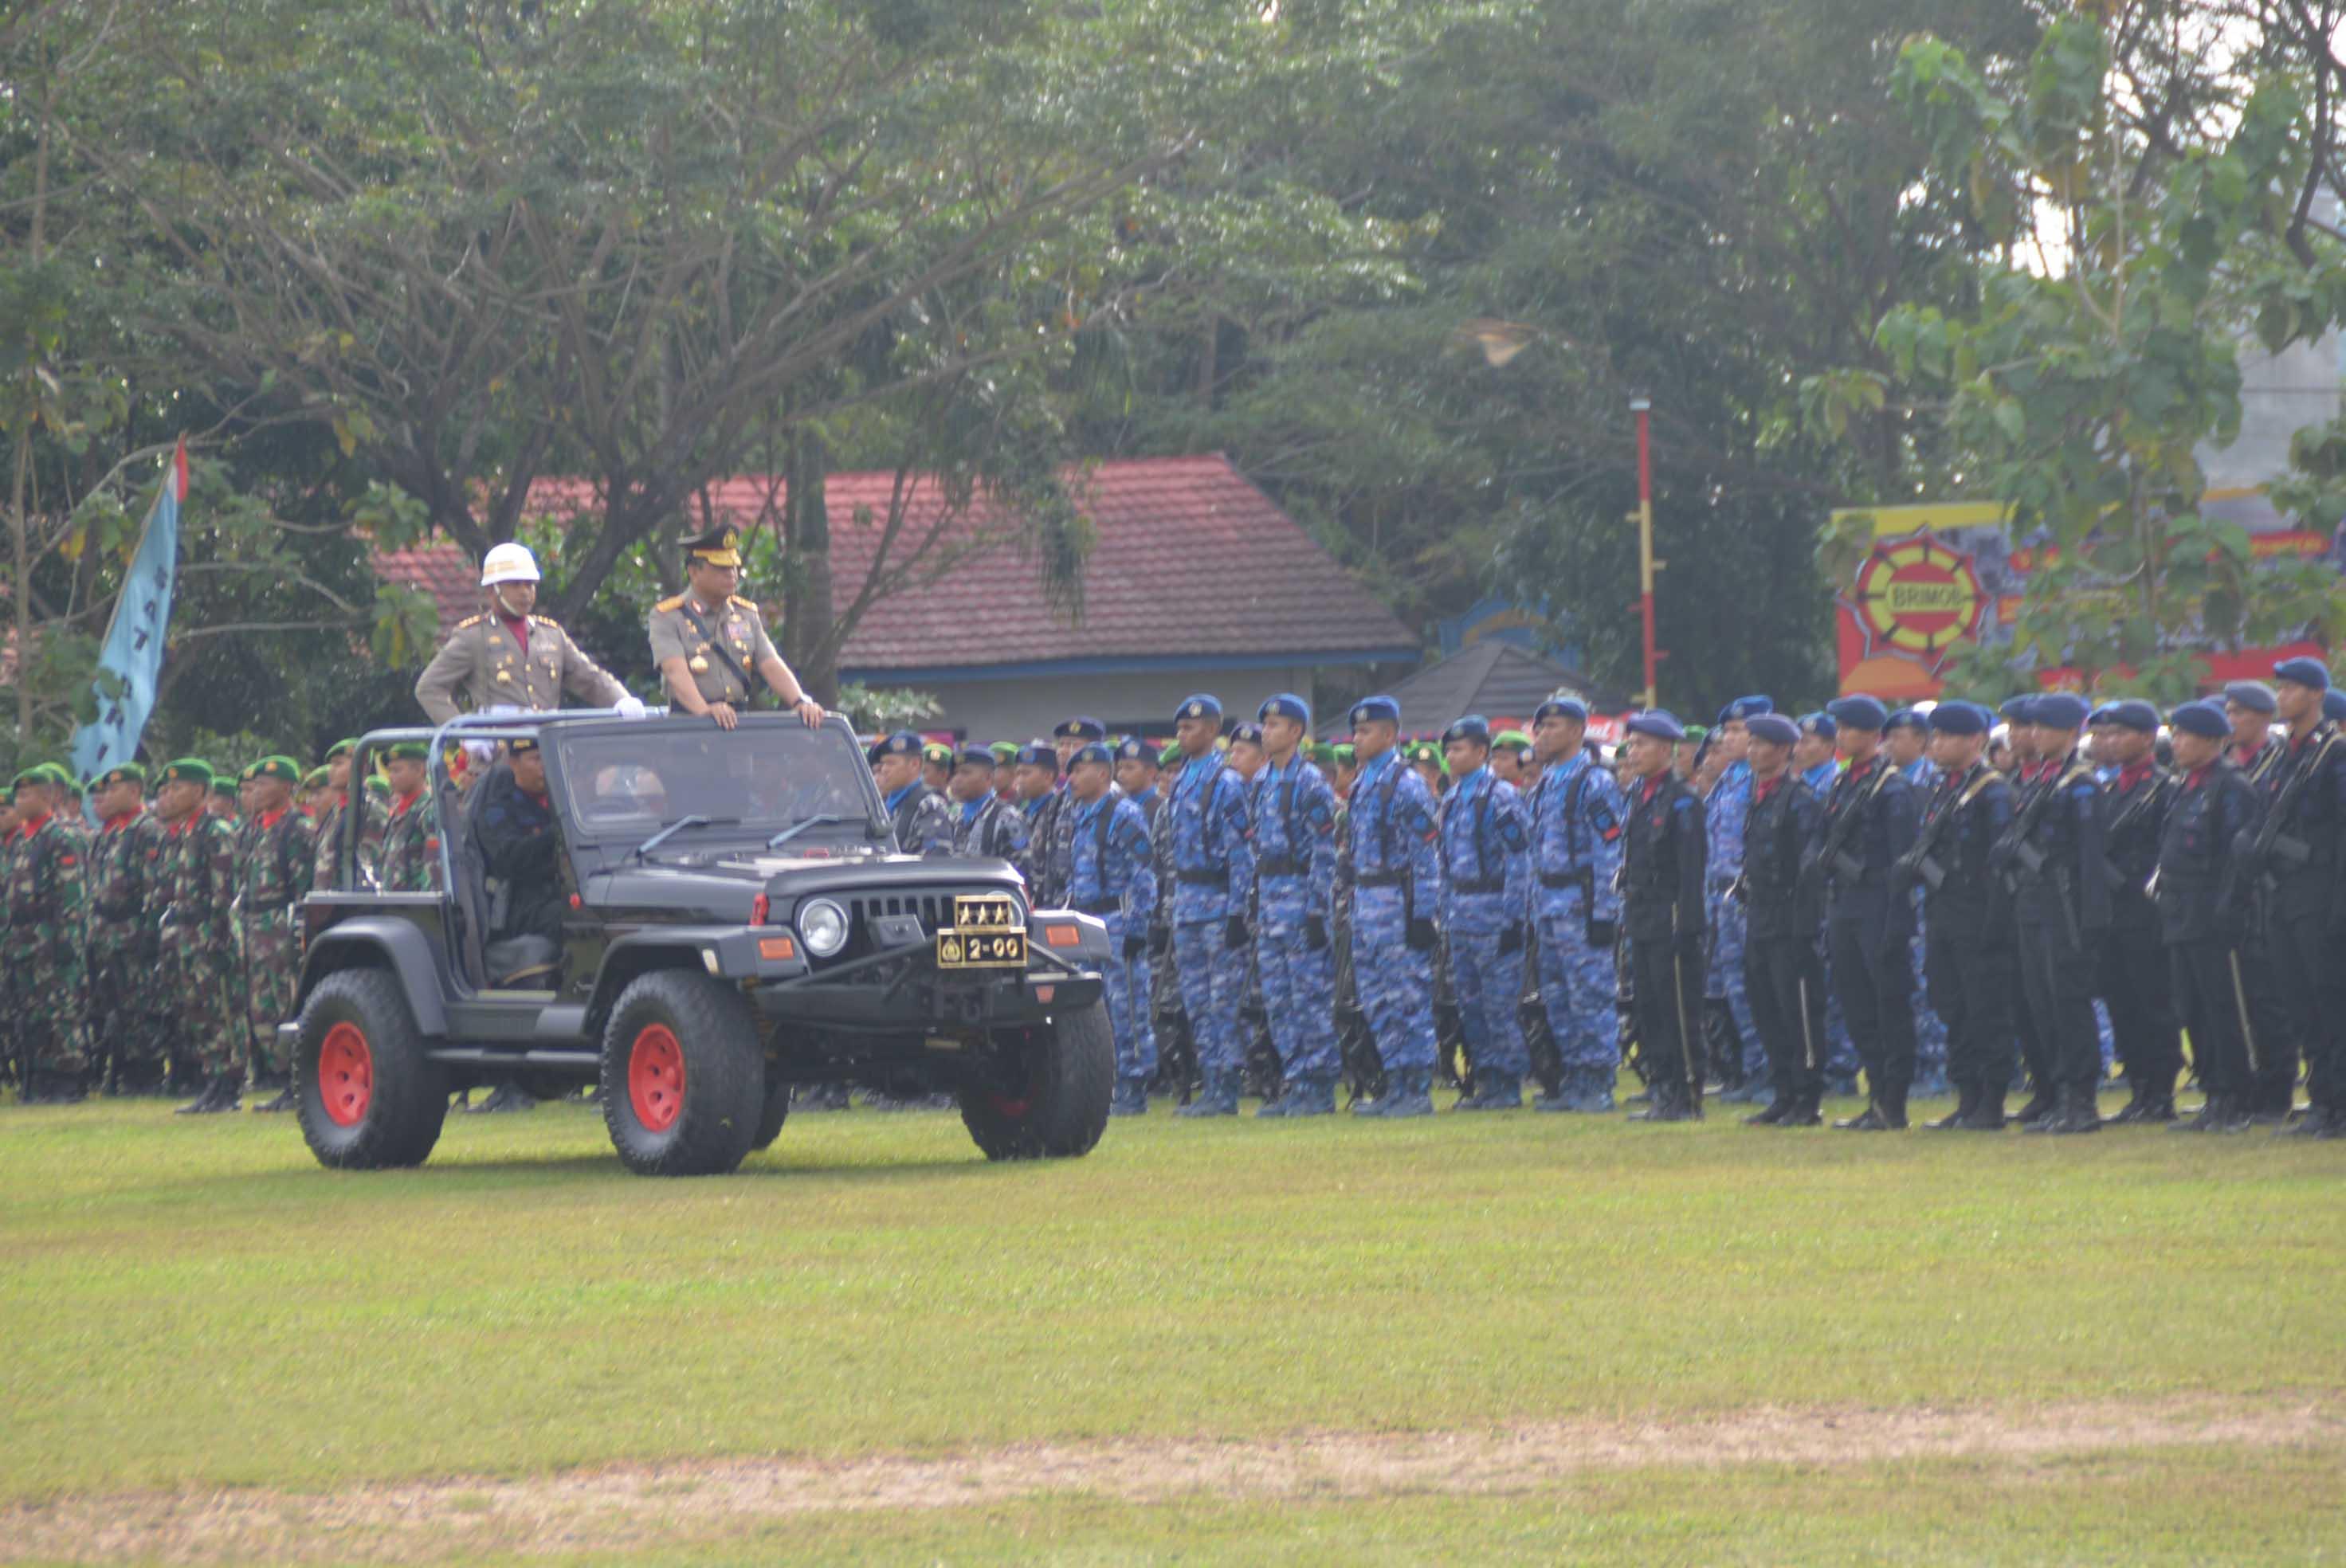 Komandan Lanud Sjamsudin Noor Hadiri Upacara Pengukuhan Peningkatan Status Polda Kalsel Menjadi Polda Tipe - A